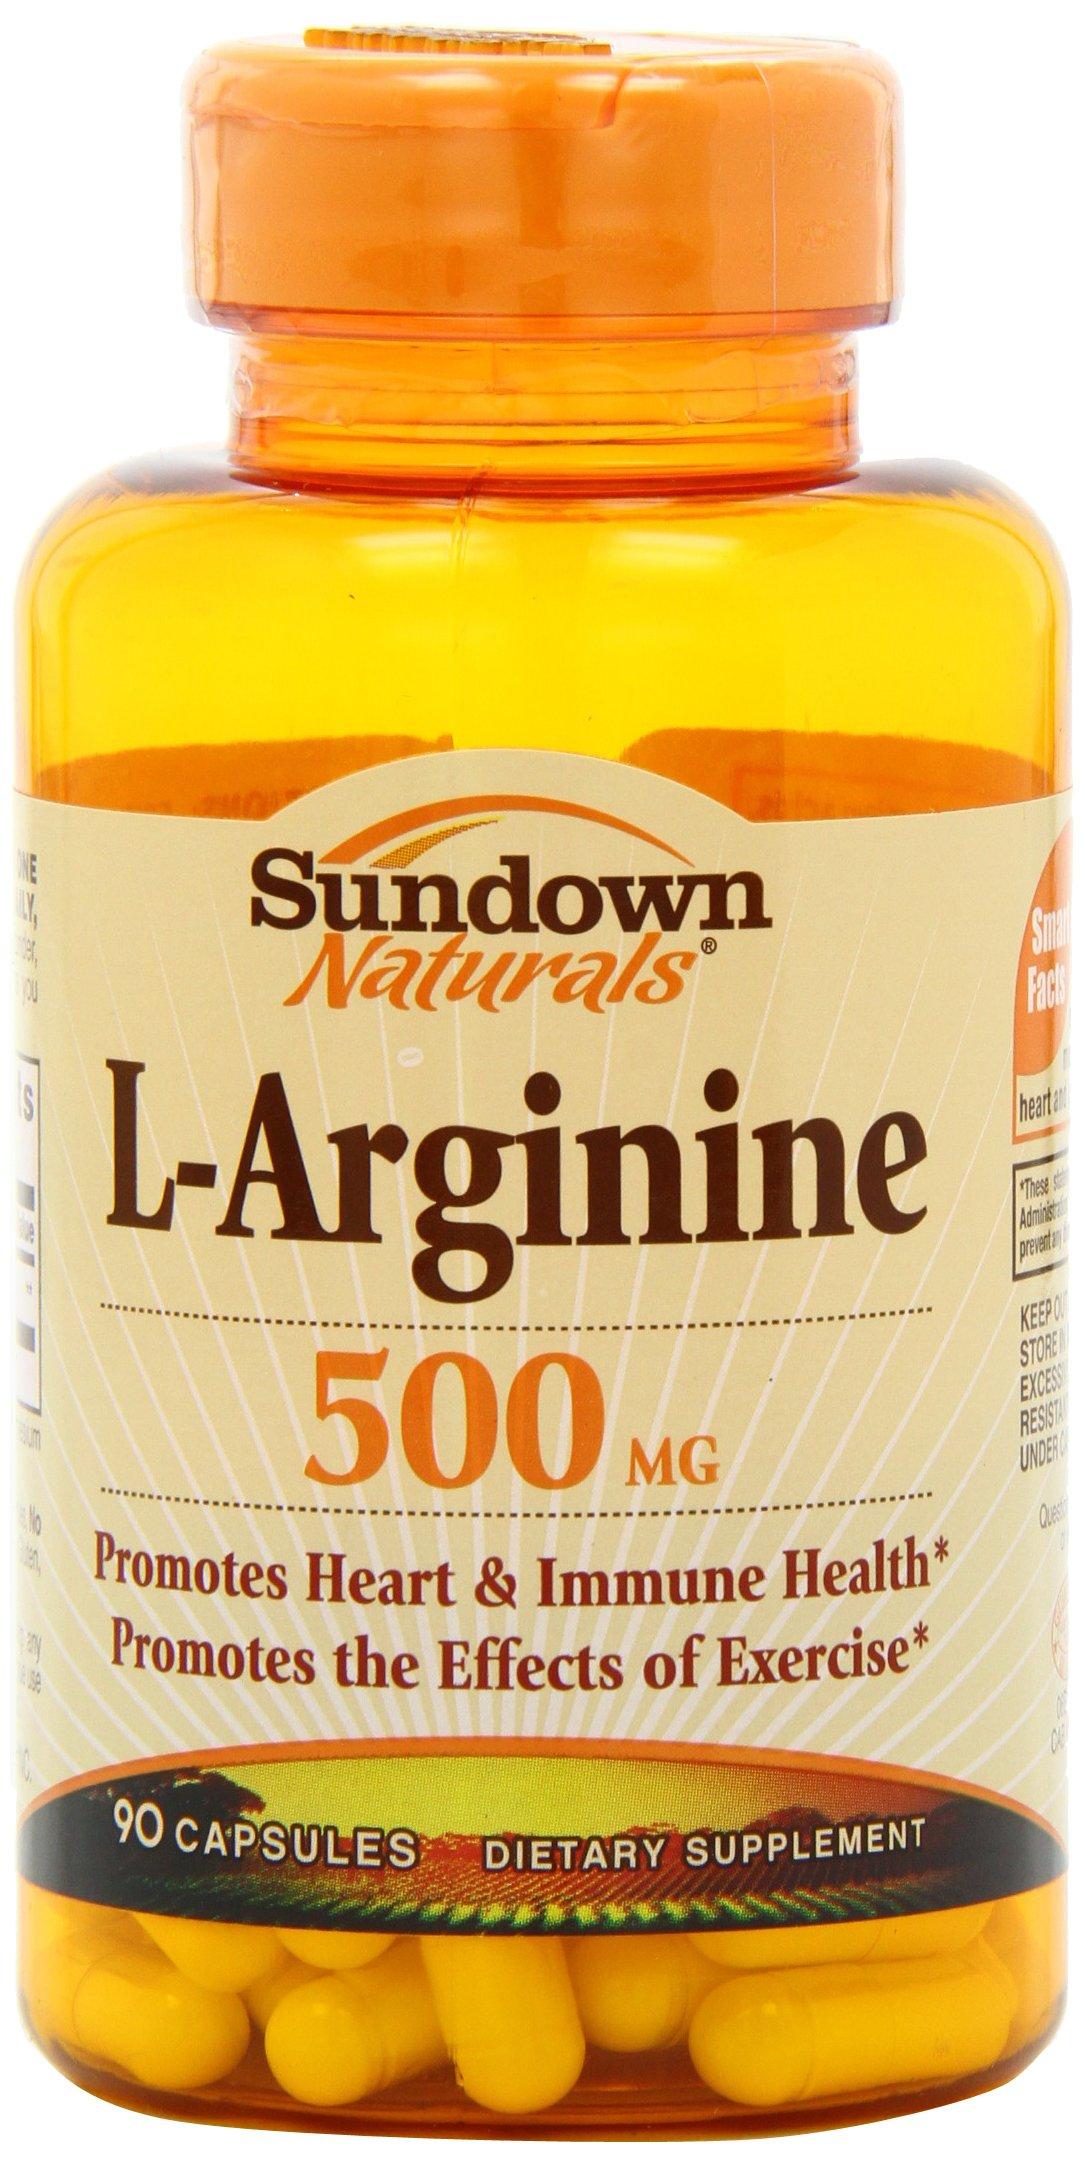 Sundown Naturals L-Arginine 500 mg, 90 Capsules (Pack of 2)